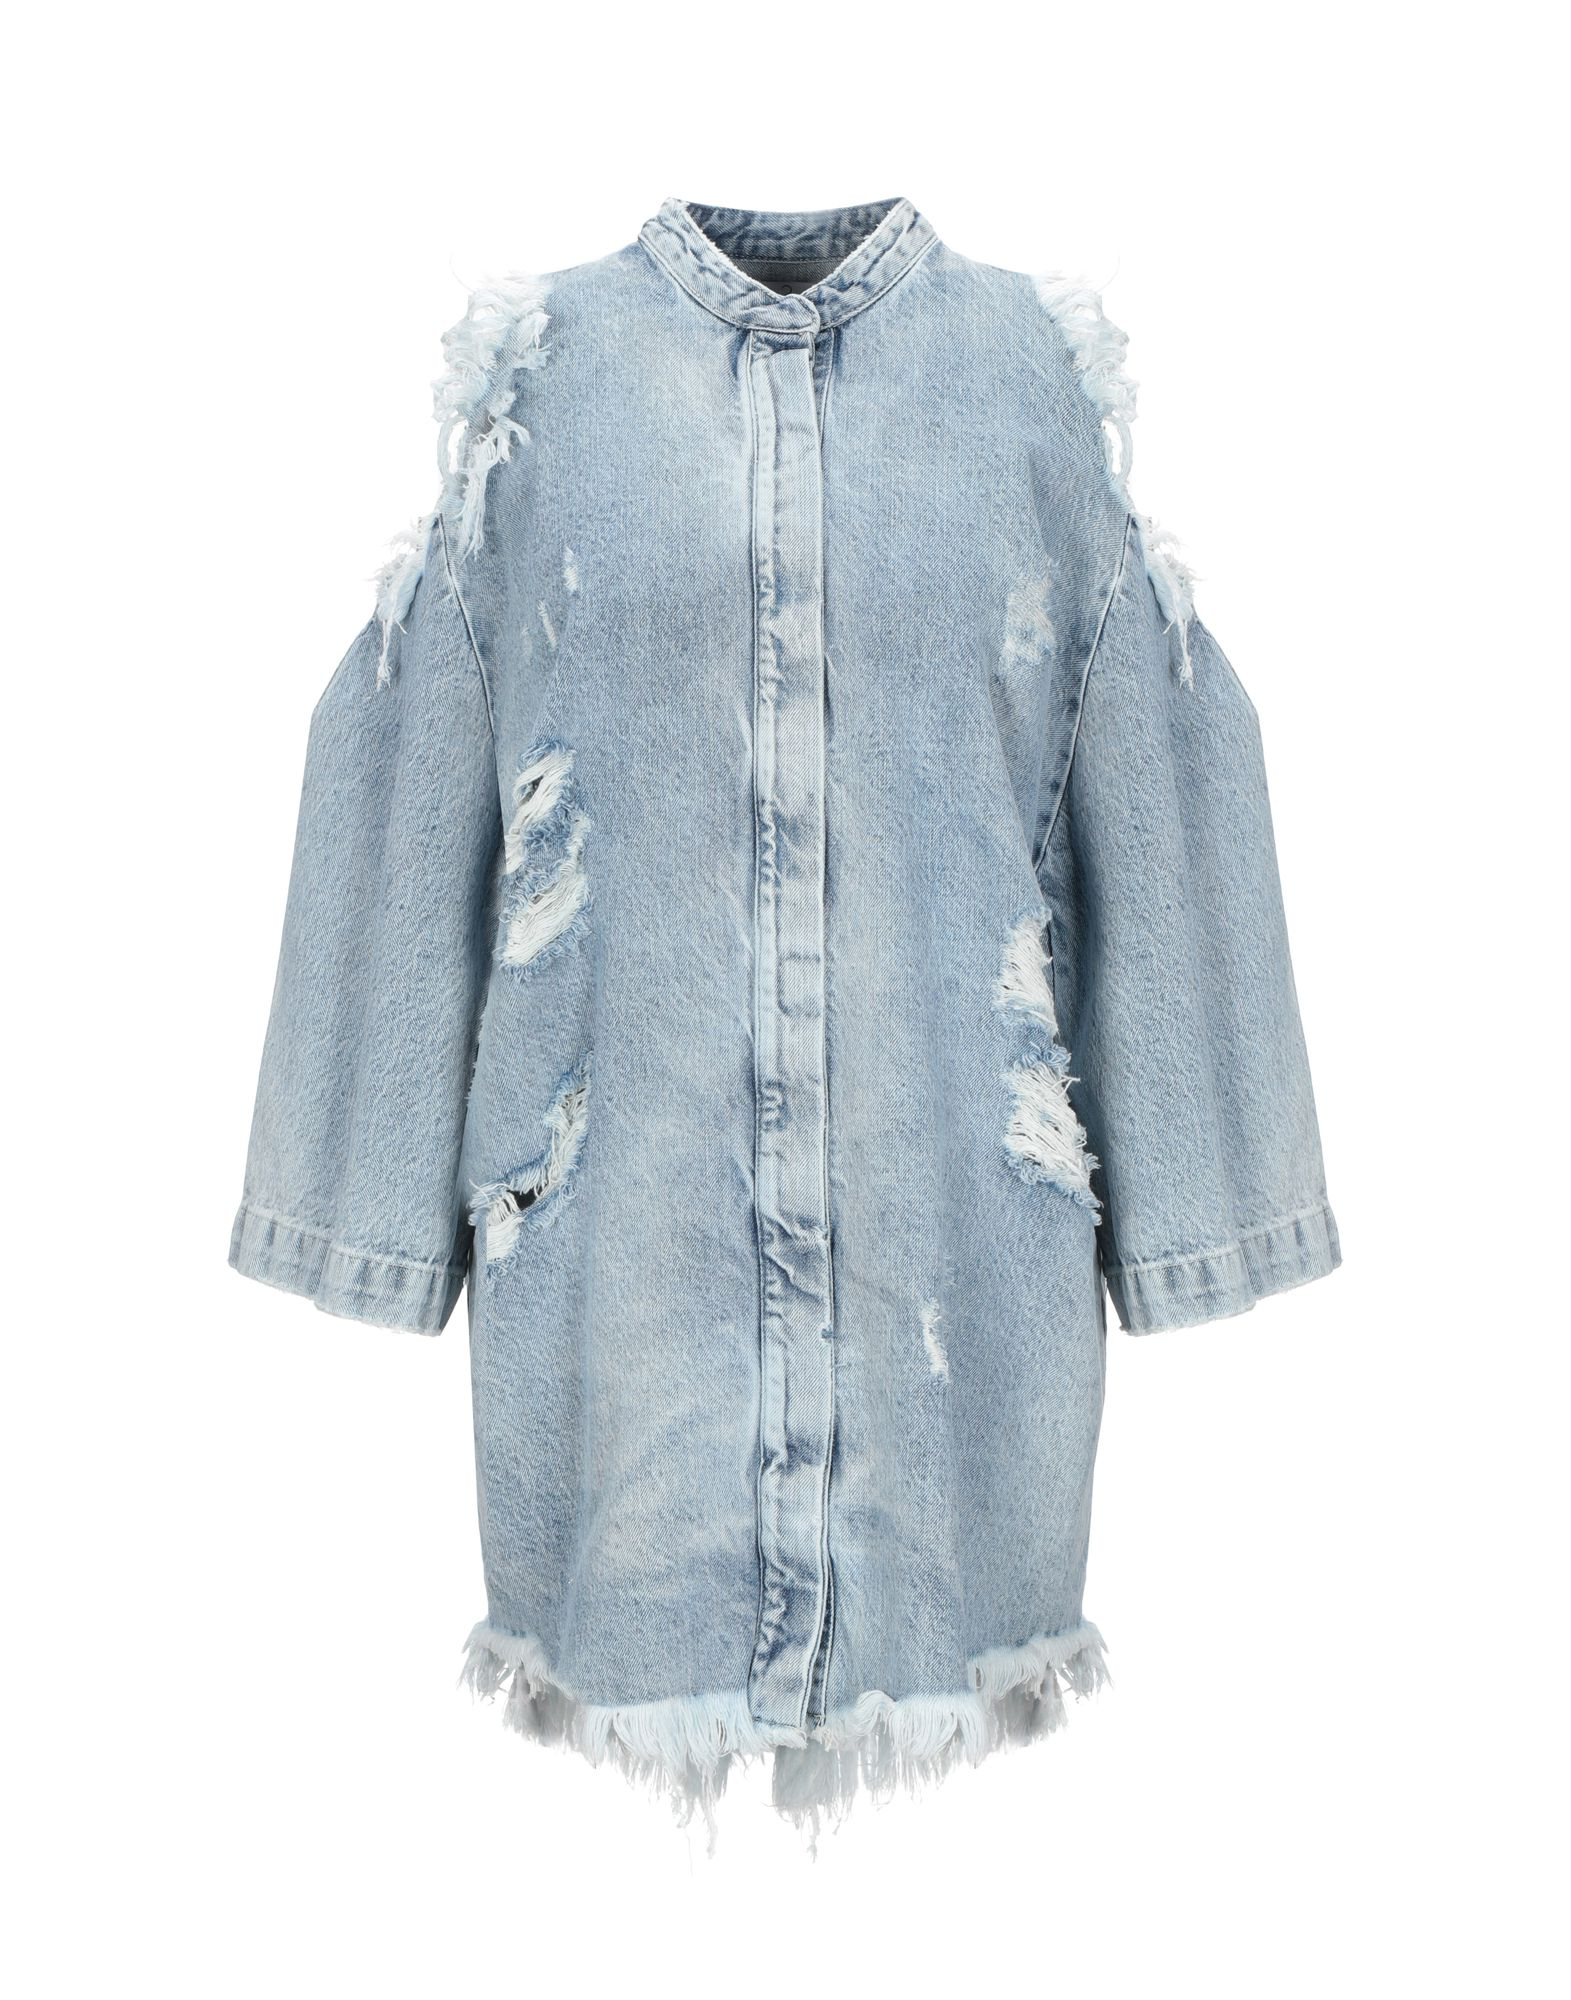 BERNA Джинсовая верхняя одежда